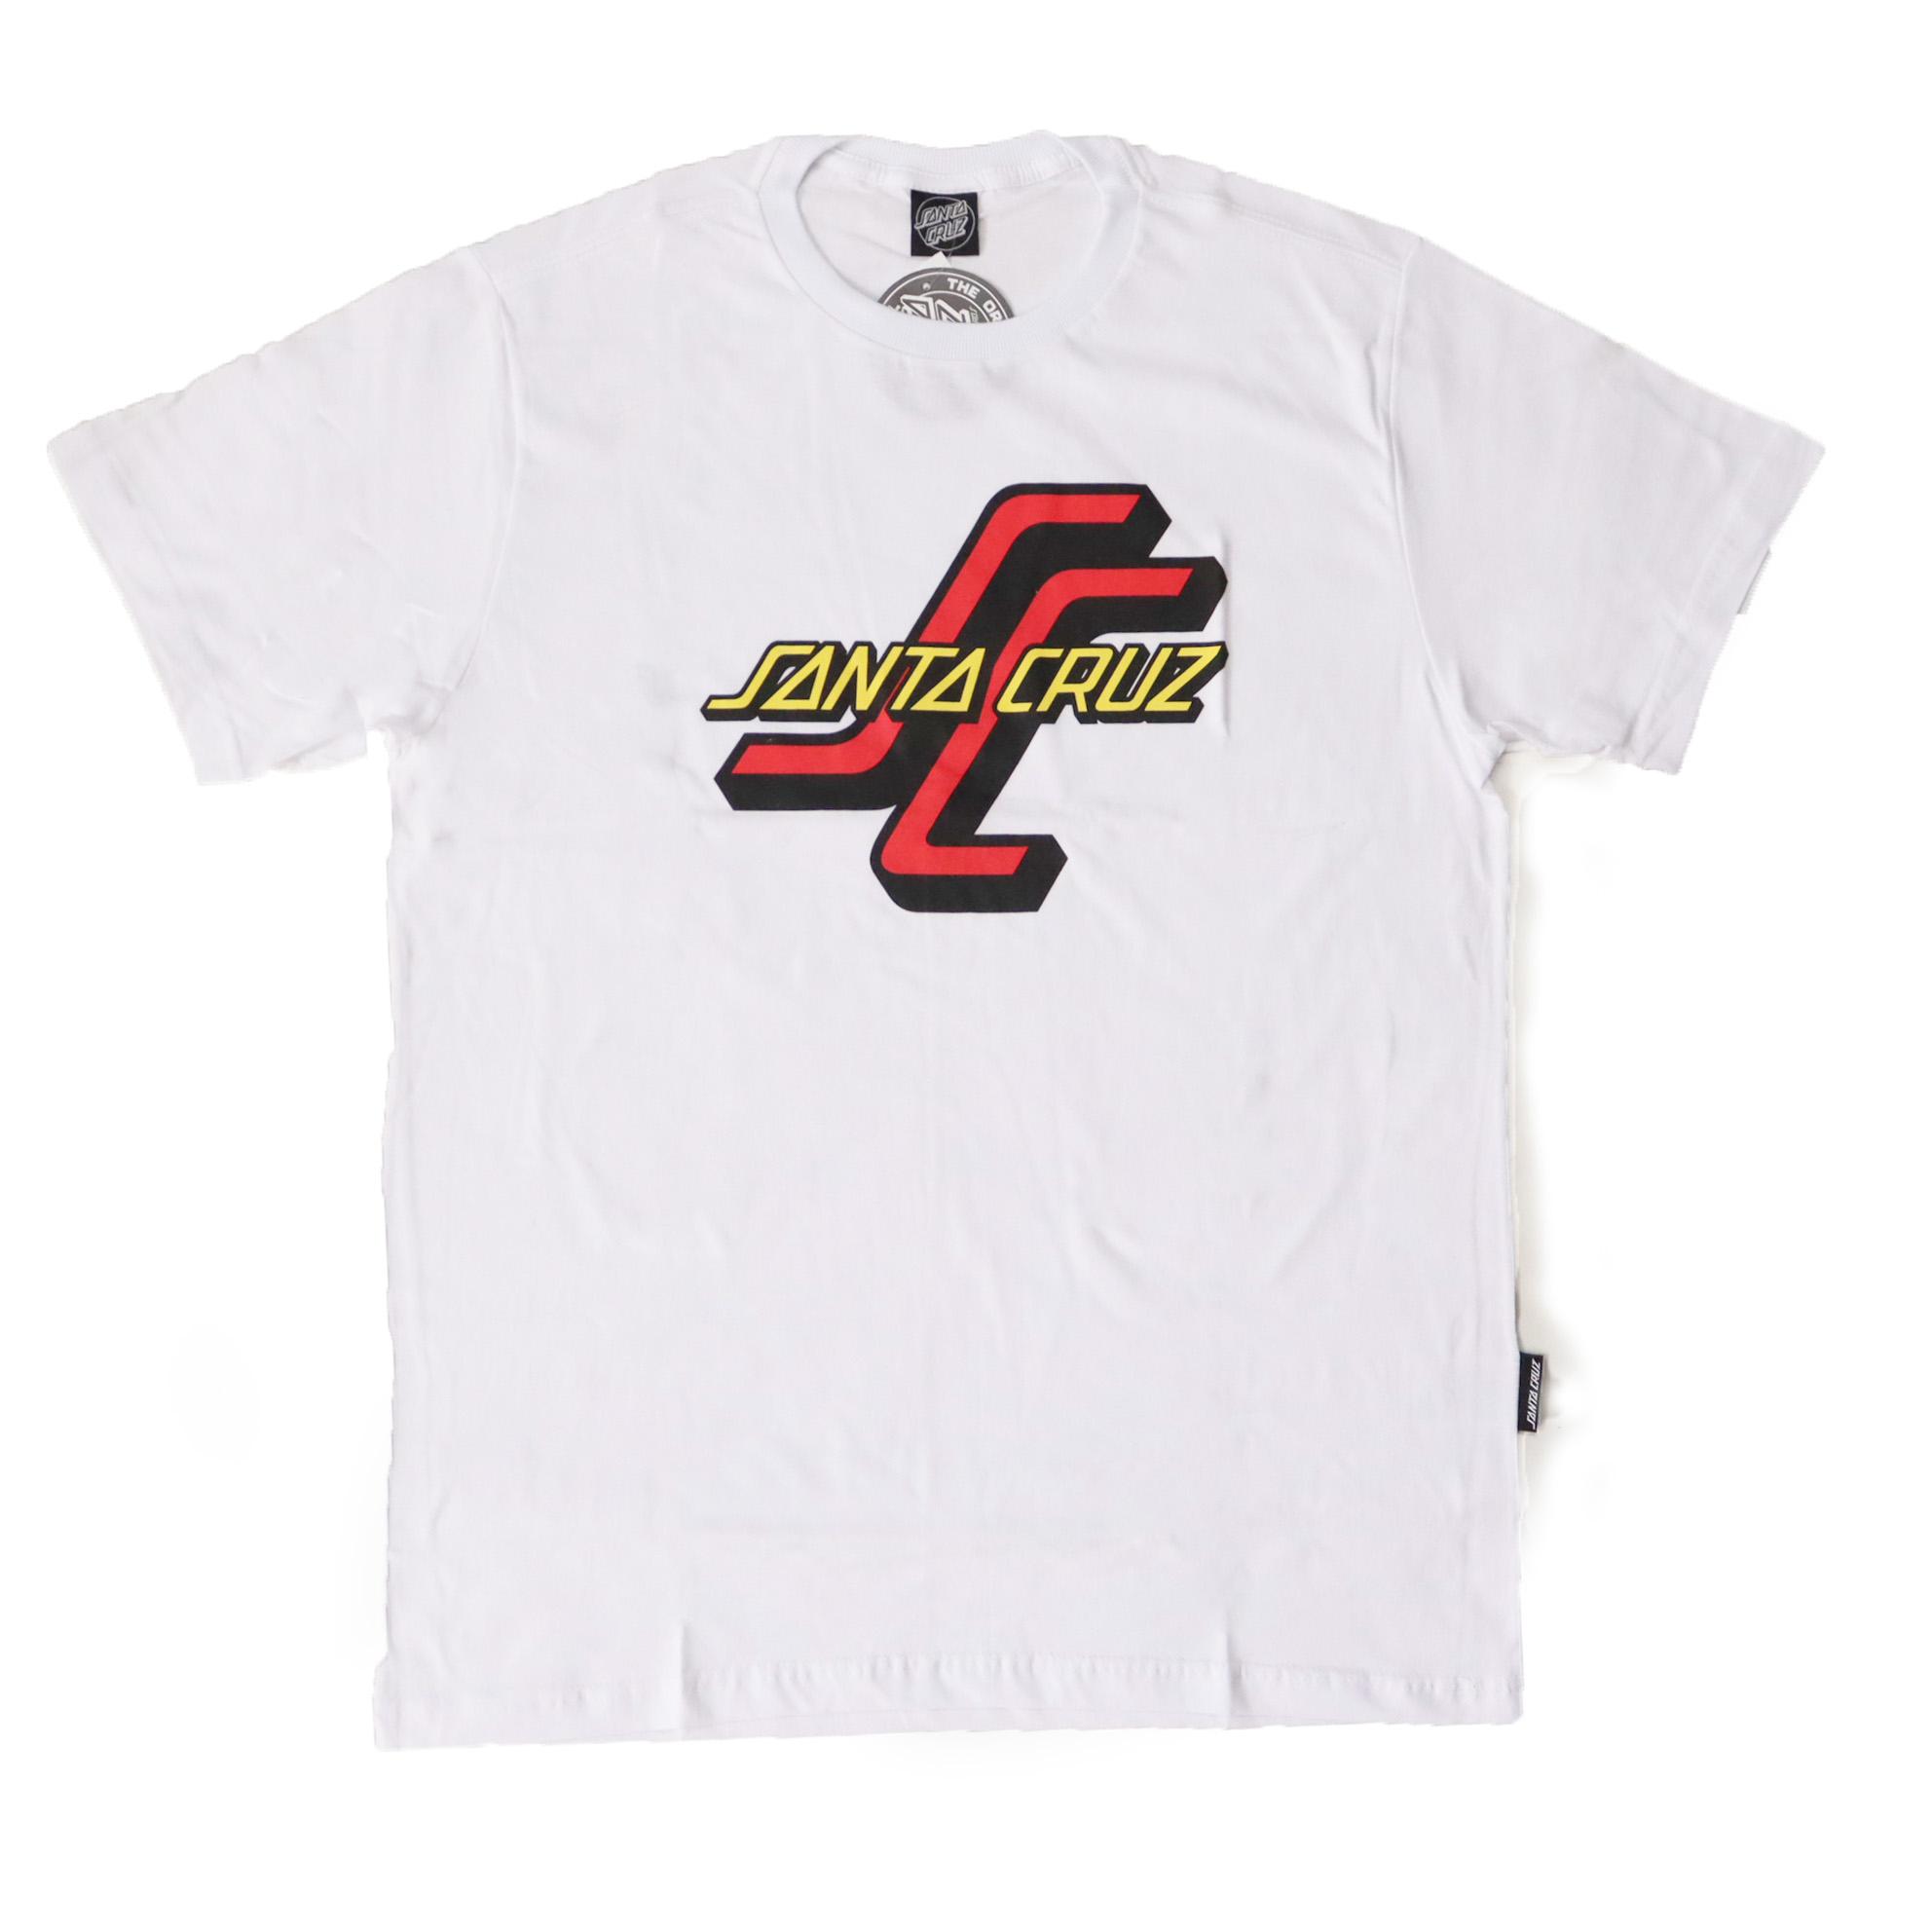 Camiseta Santa Cruz OGSC - Branco